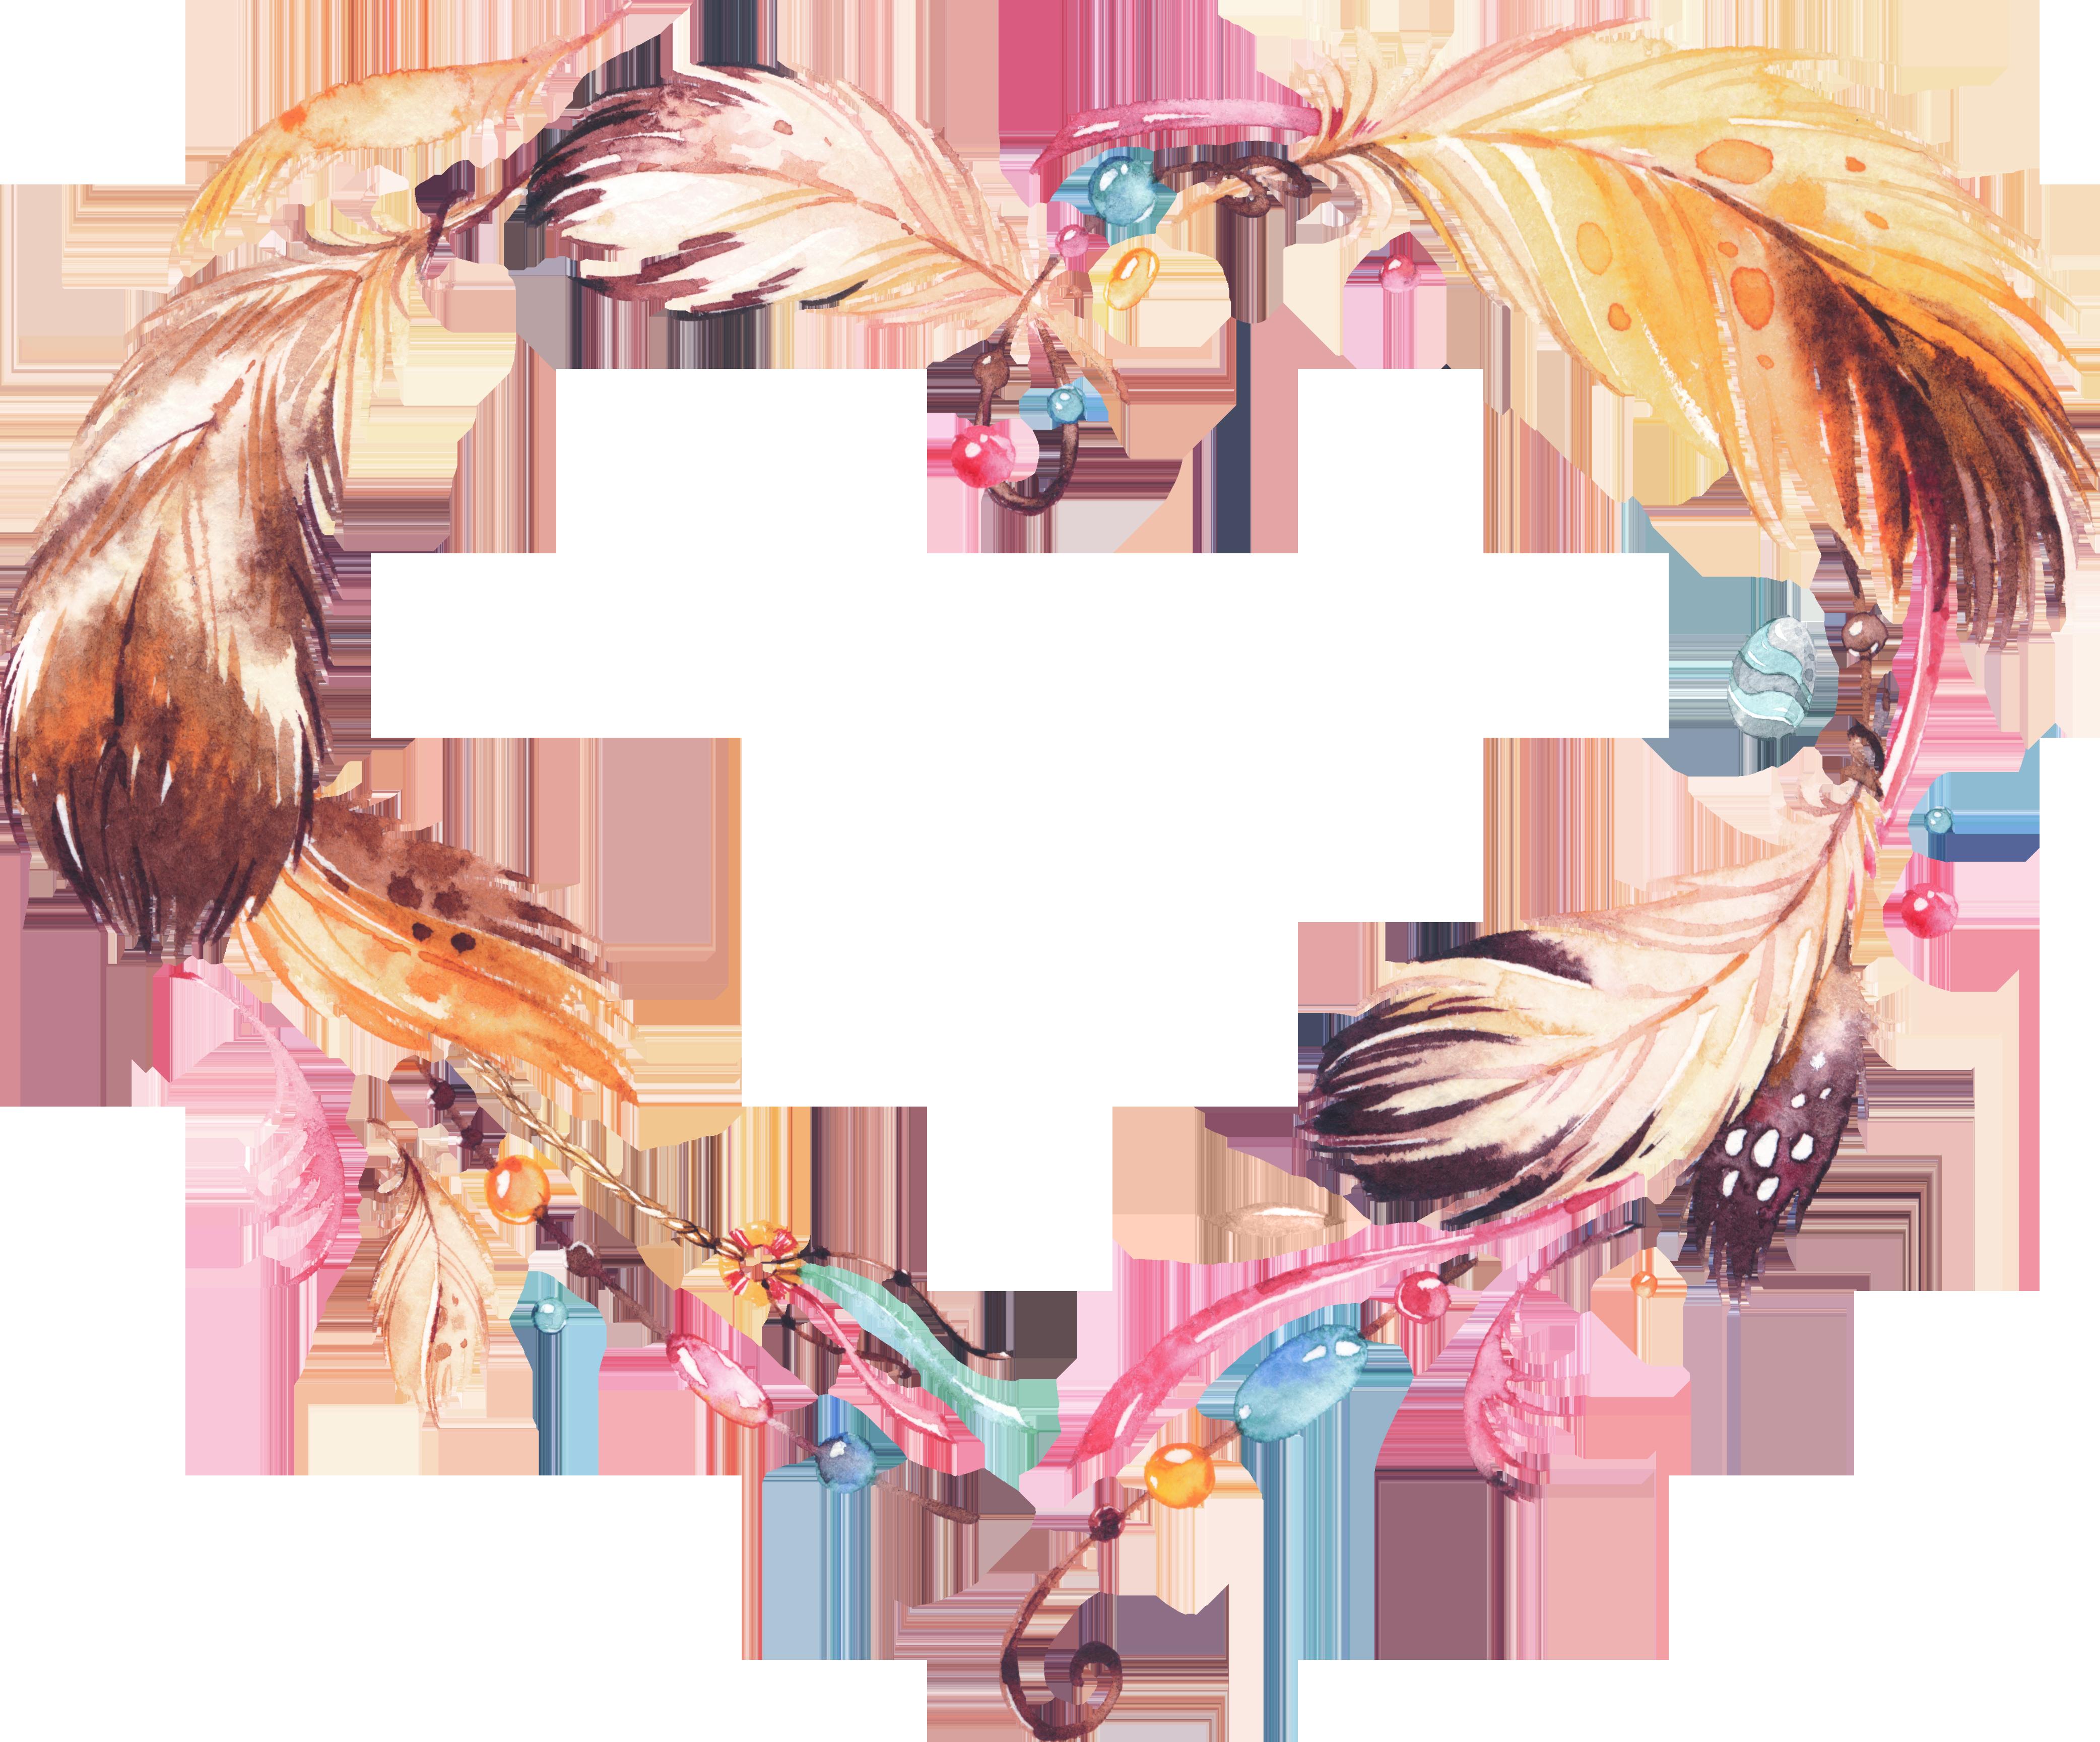 Amulet watercolor painting dreamcatcher. Grape clipart wreath